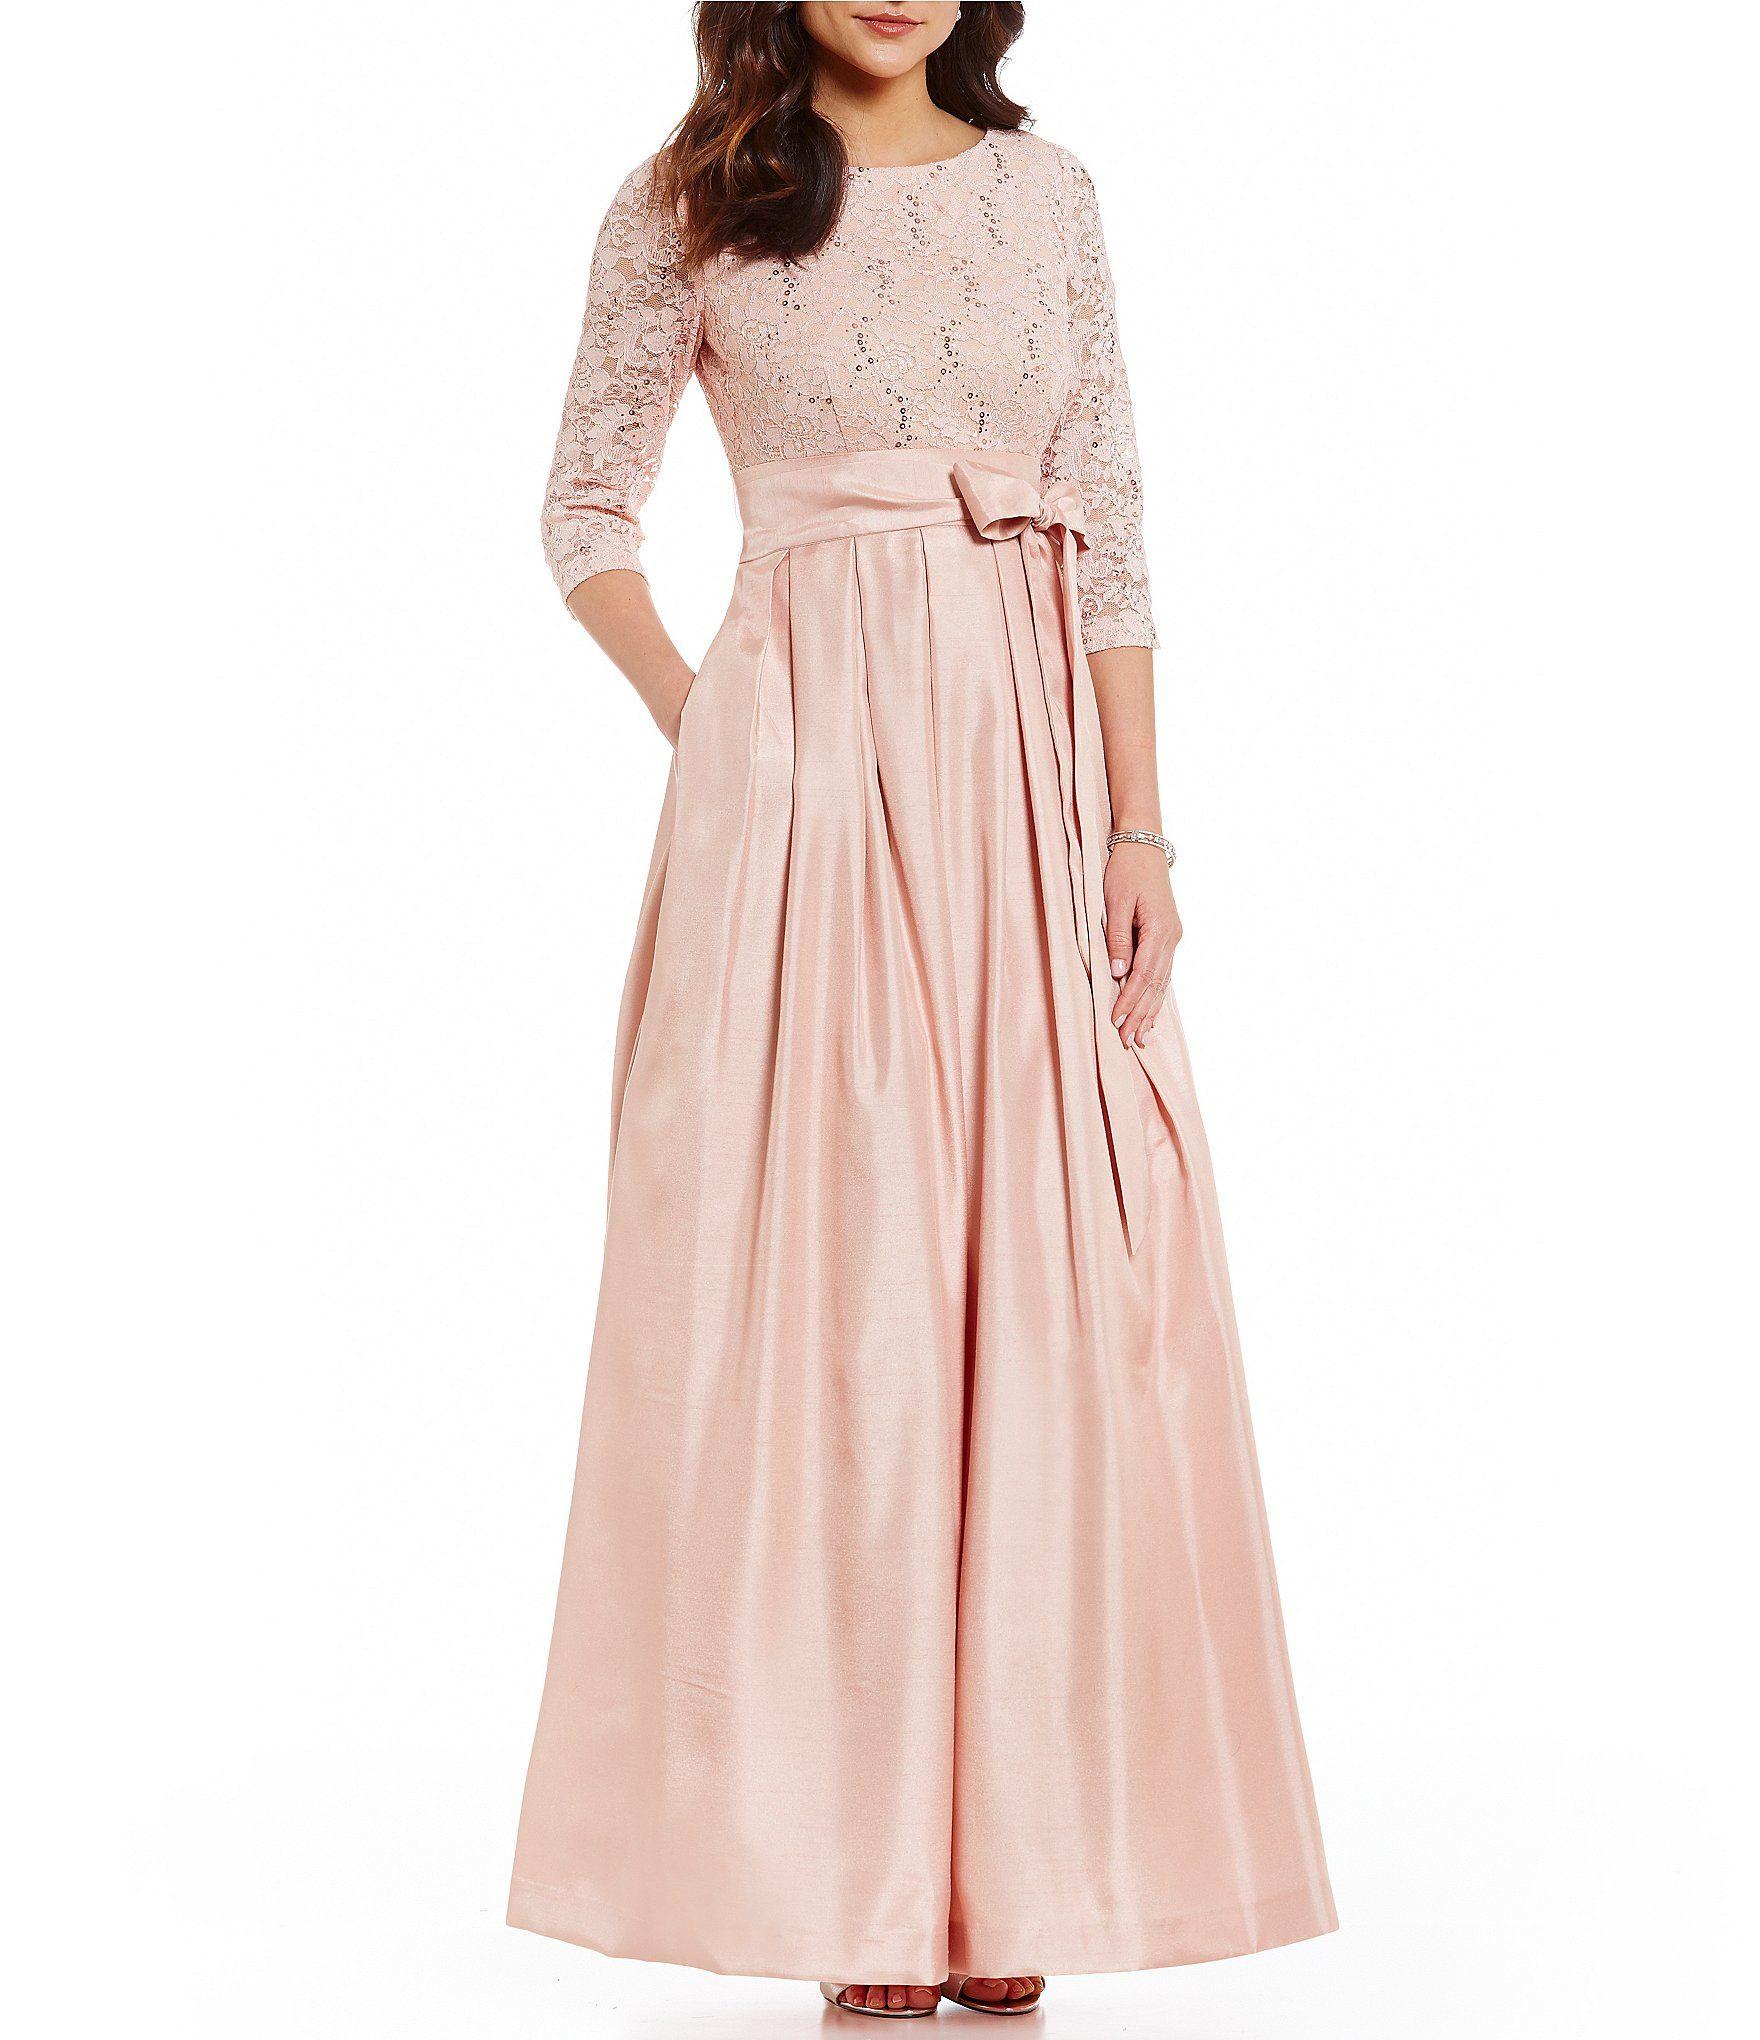 Lujo Vestido De La Dama De Honor Dillards Foto - Colección de ...